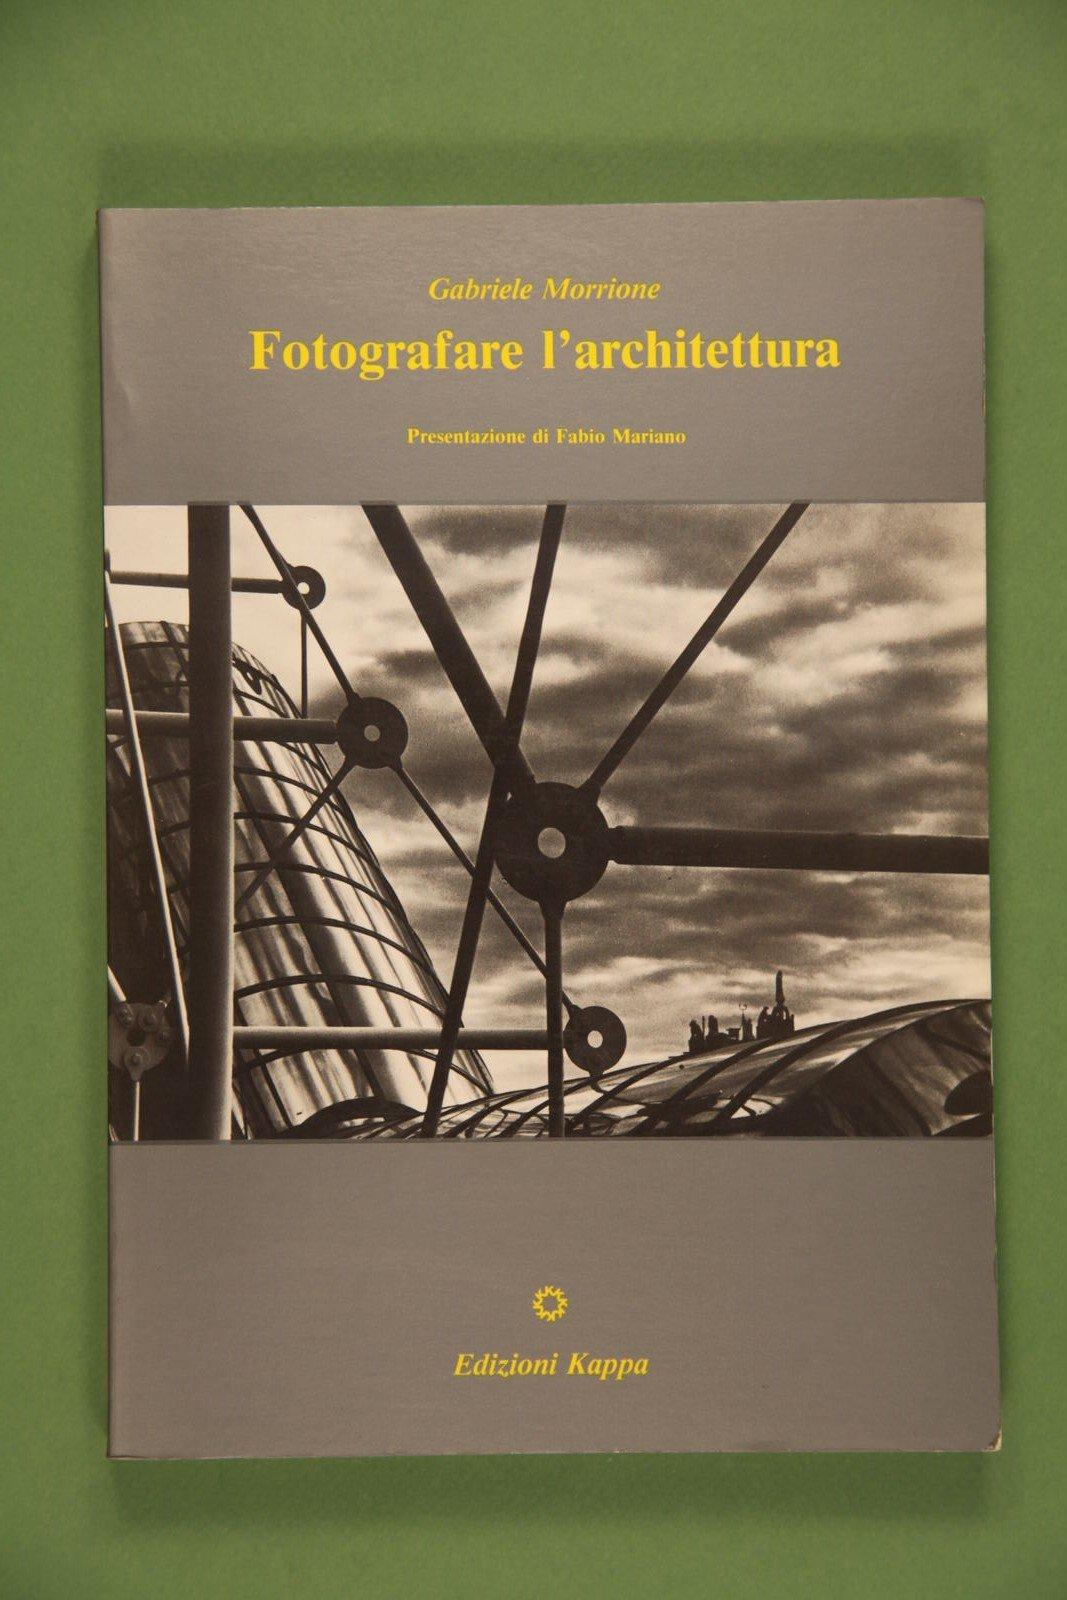 """Copertina del libro """"Fotografare l'architettura"""" di Gabriele Morrione"""